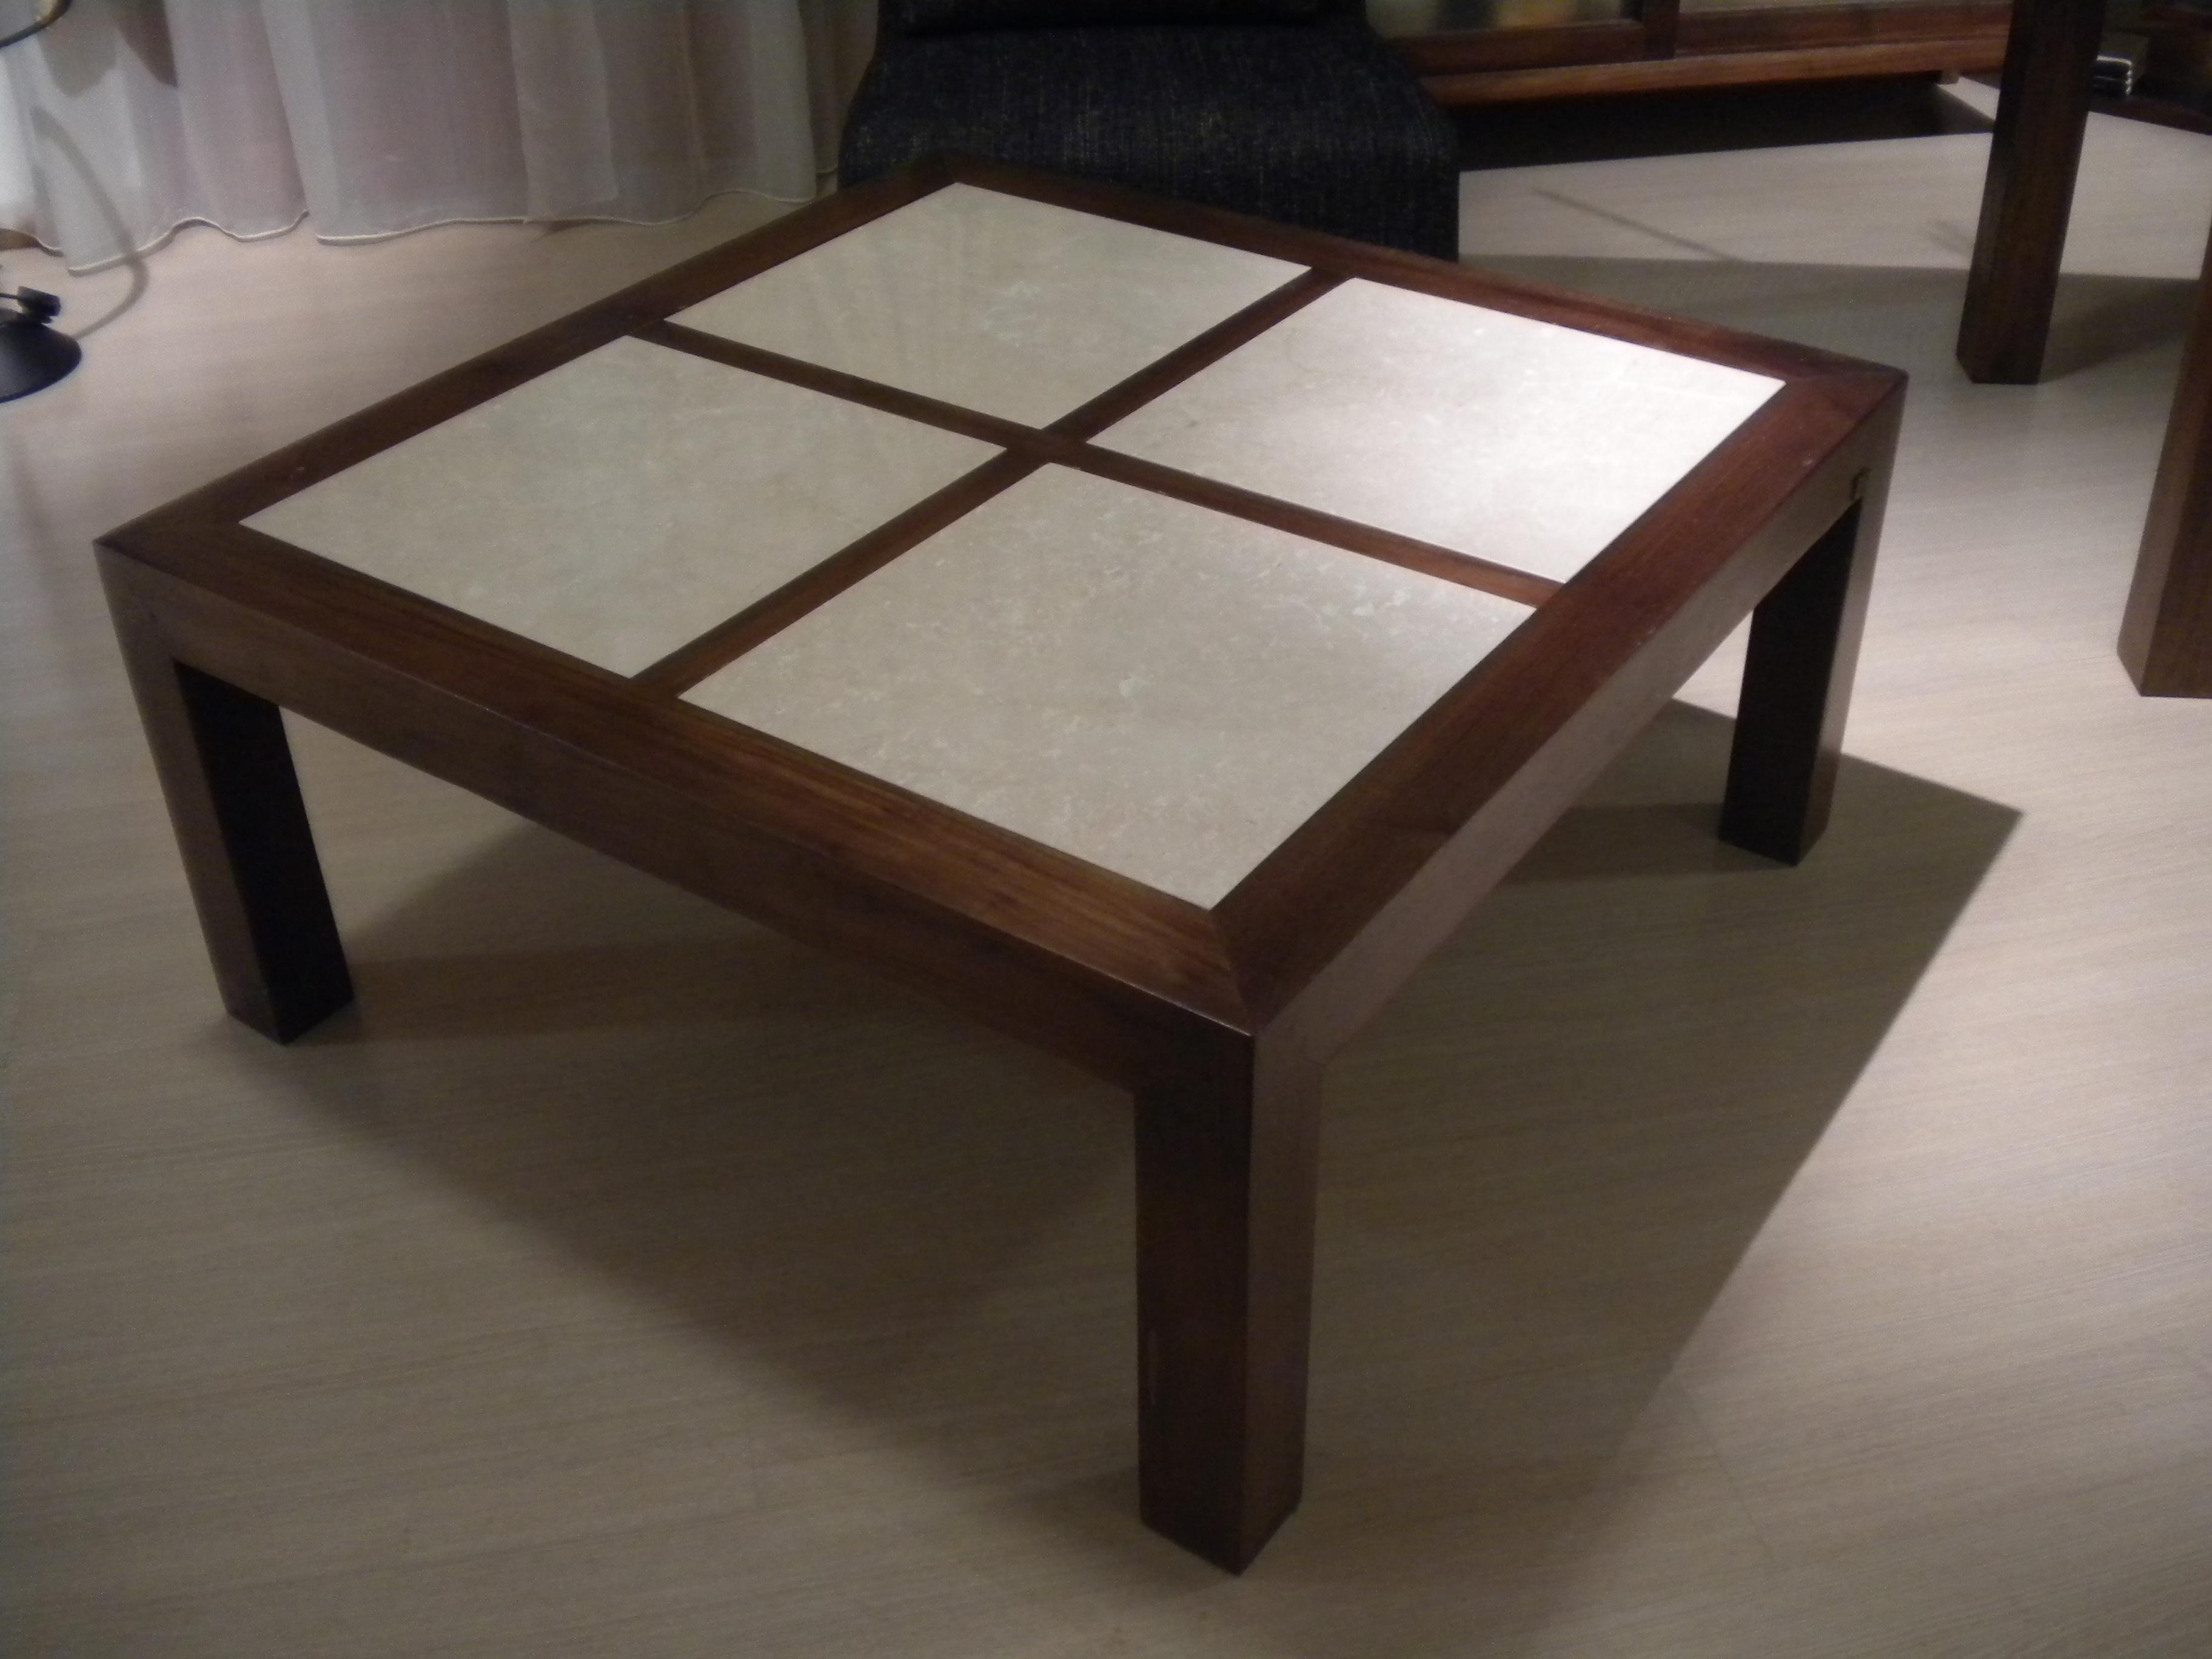 Tavolino teak marmo scontato complementi a prezzi scontati for Castellucci arredamenti